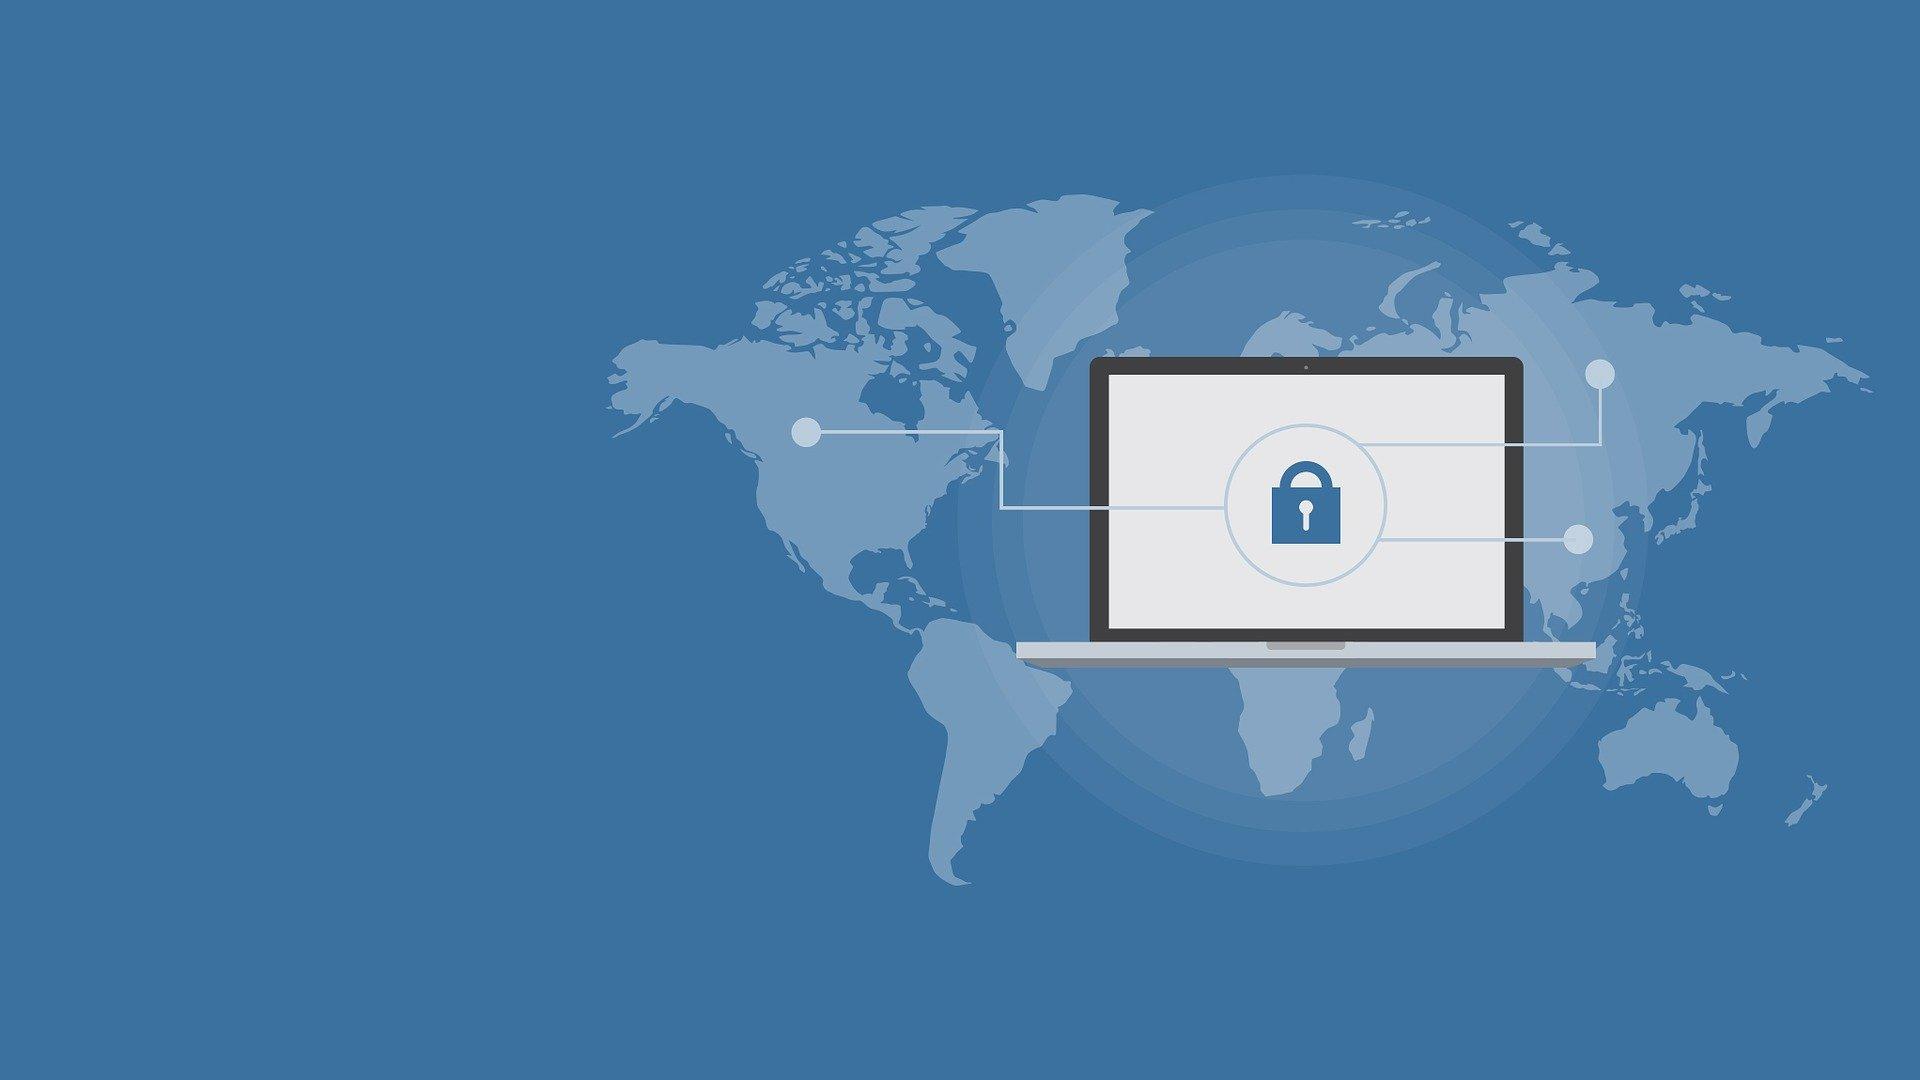 Navigating Cloud Computing & Bank Security Services